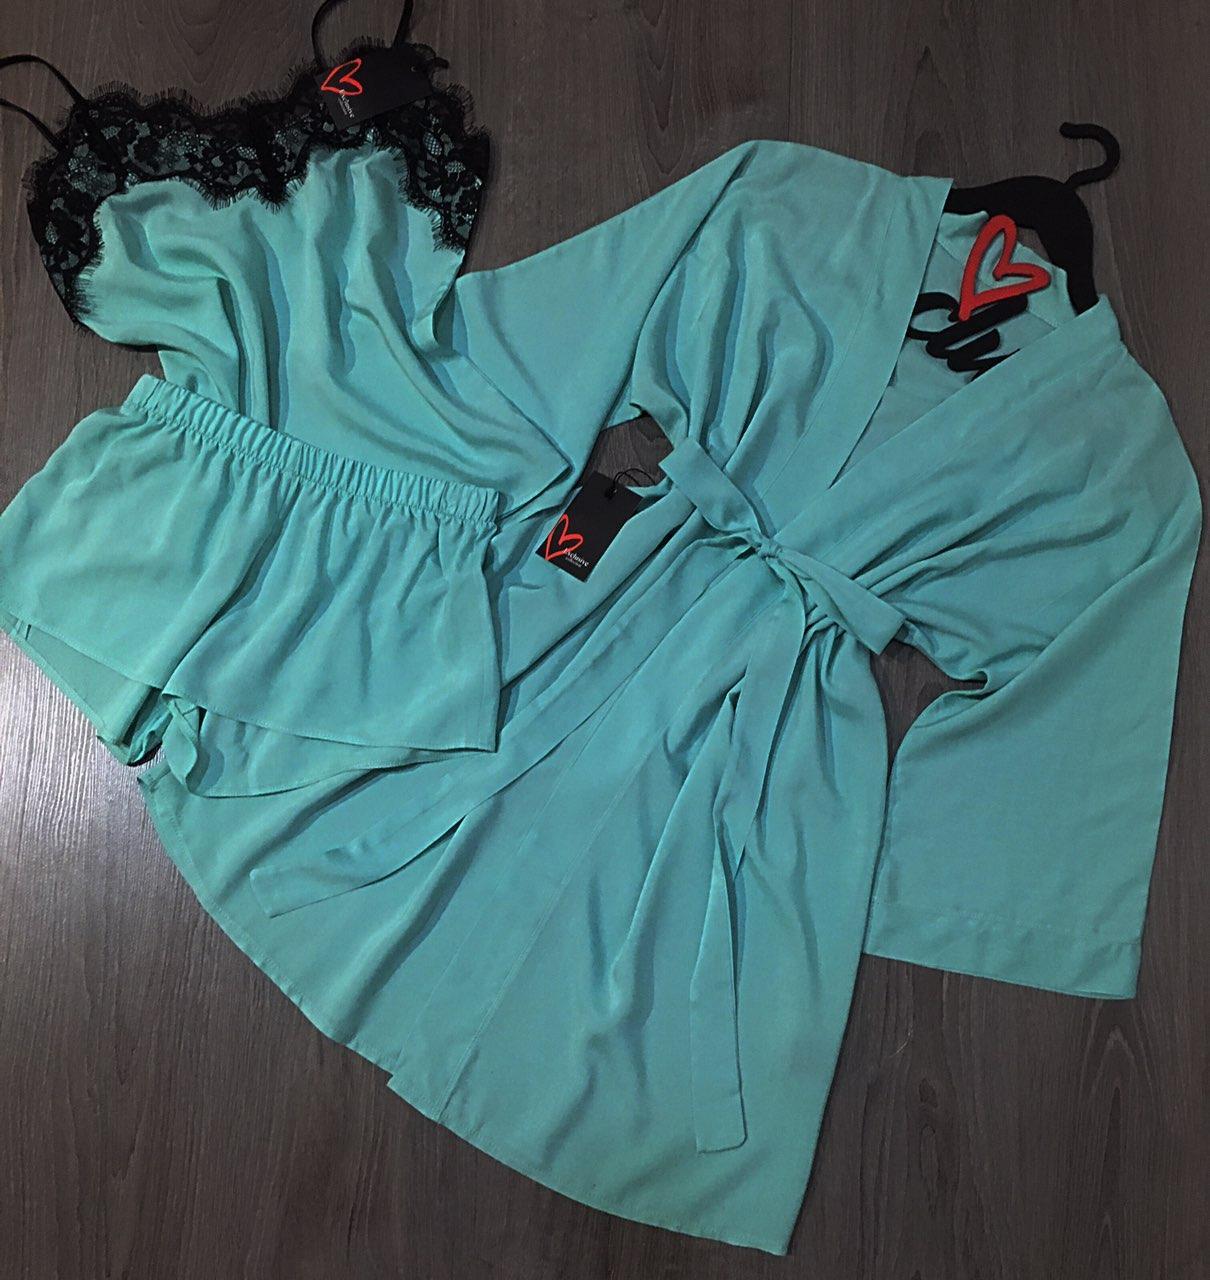 Мятный хлопковый домашний комплект халат+пижама.